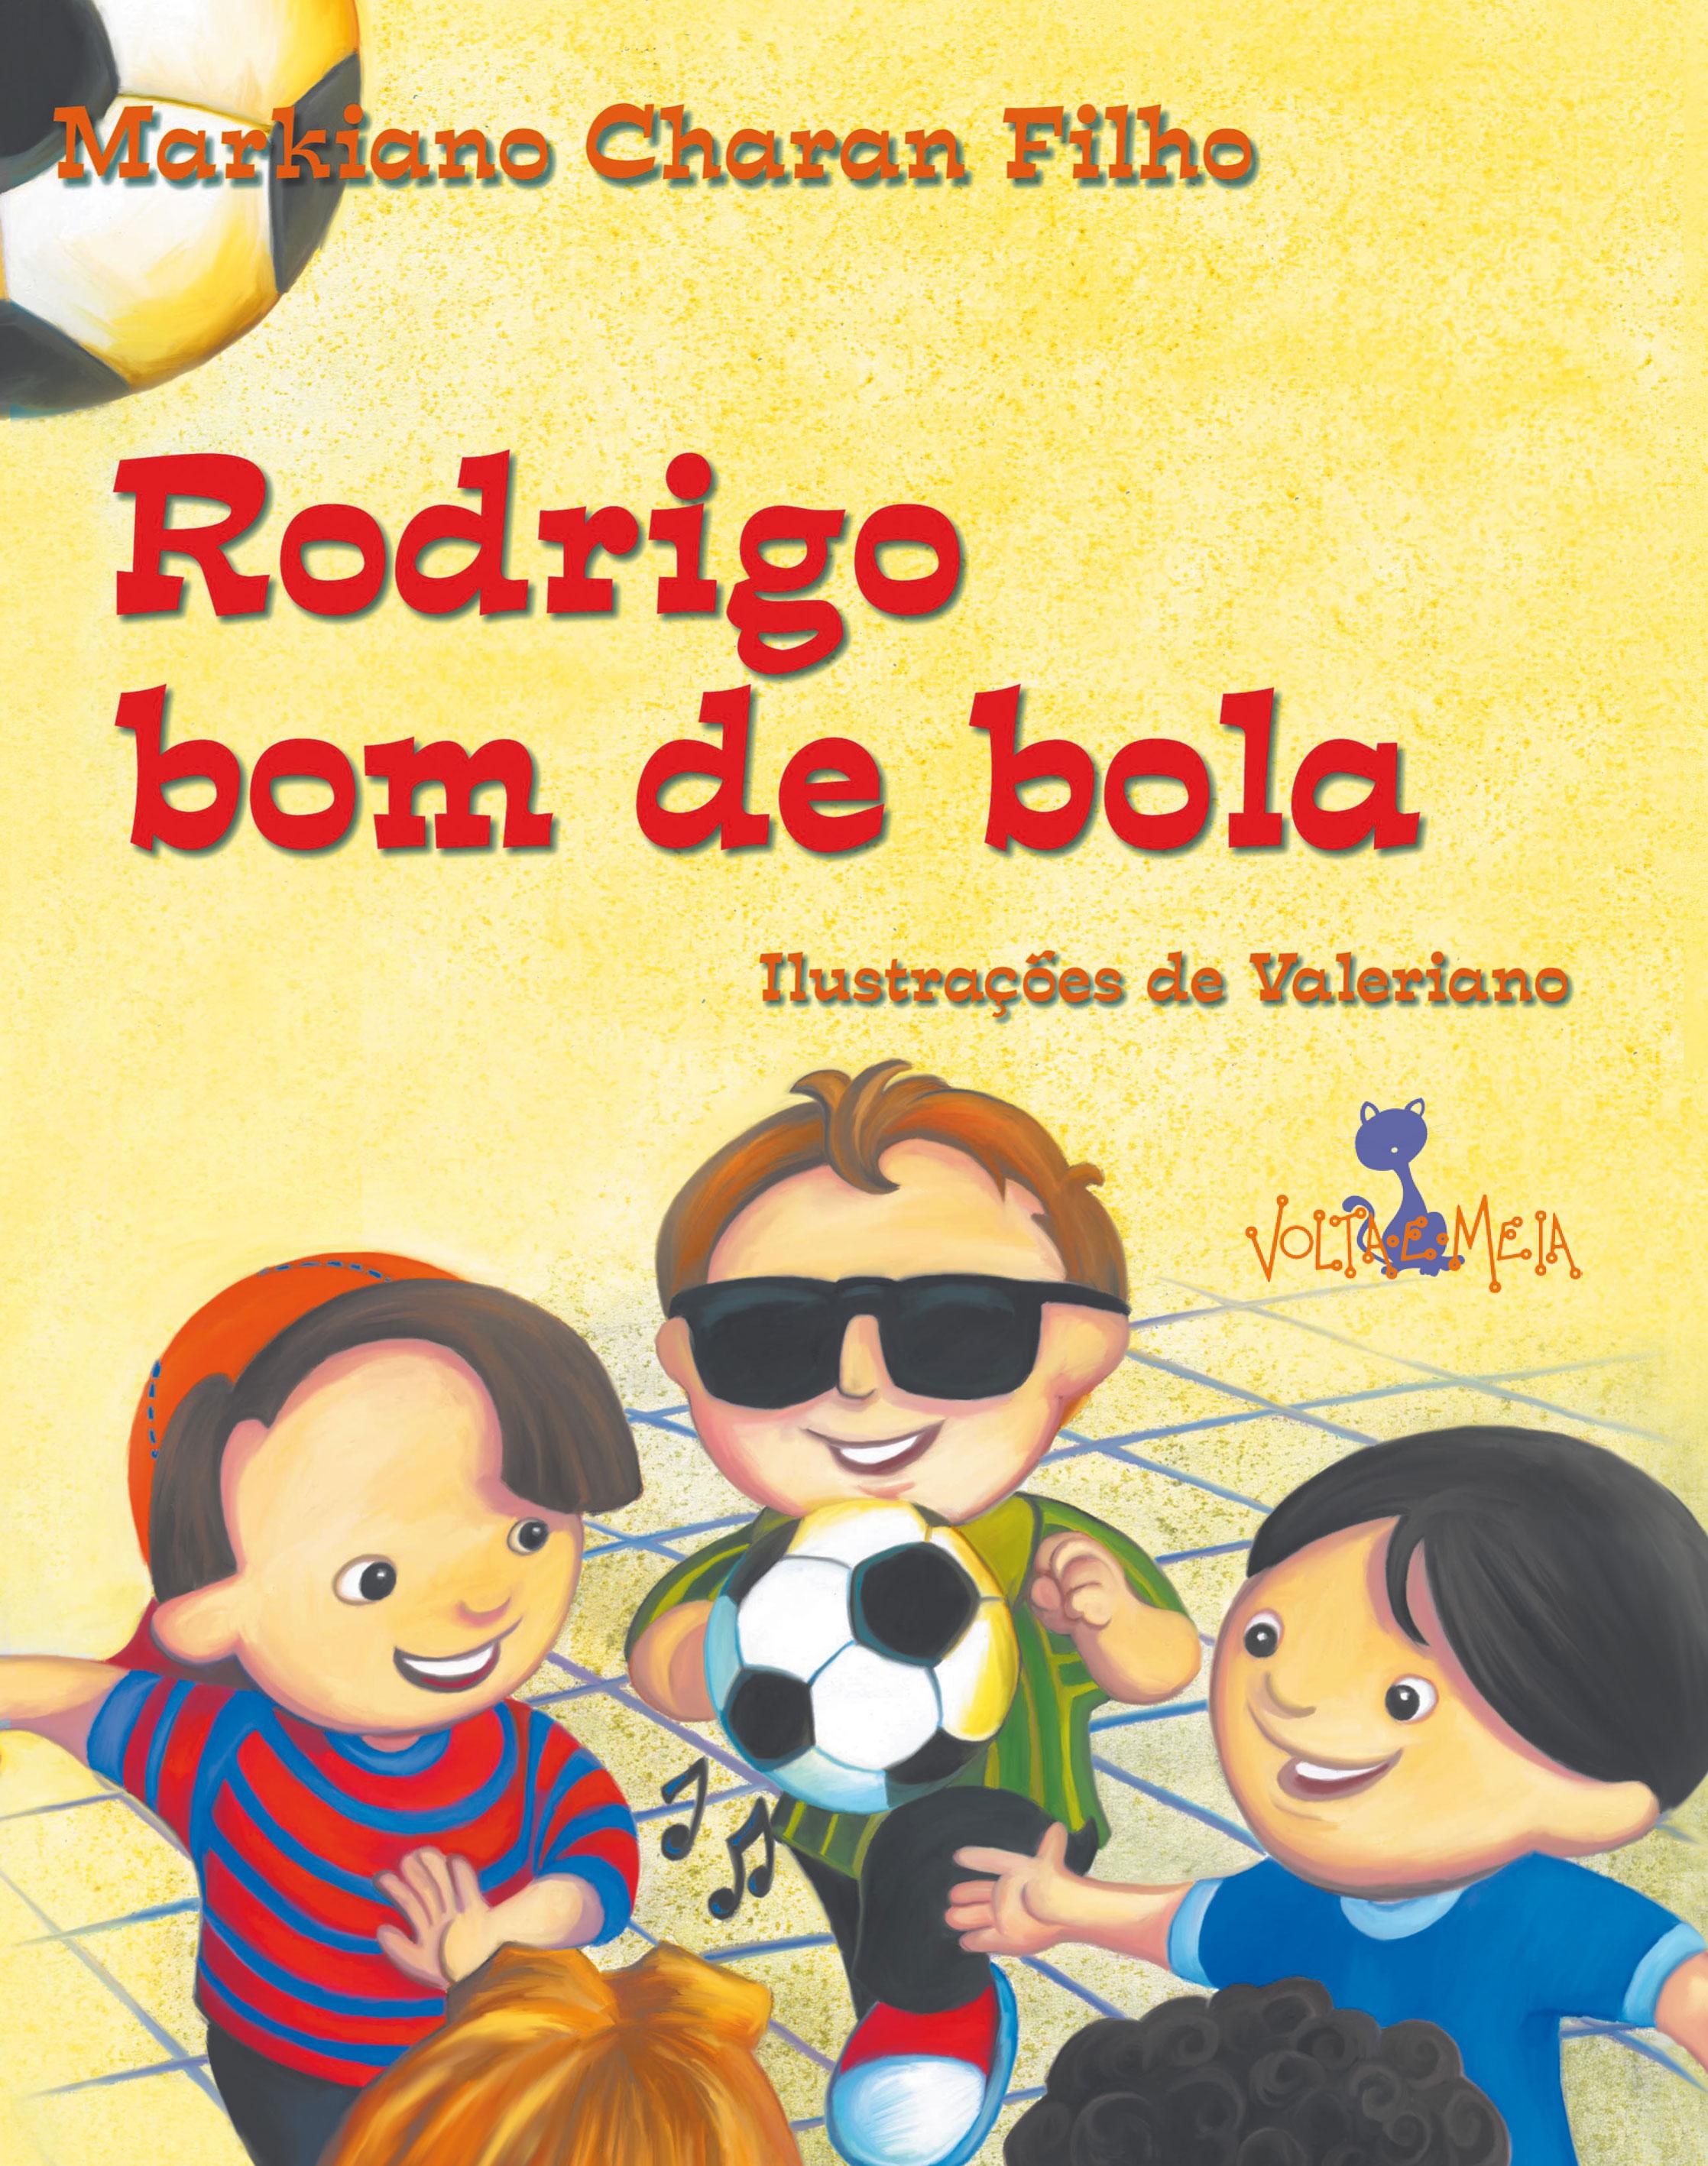 Rodrigo bom-de-bola-Leiturinha-capa-1